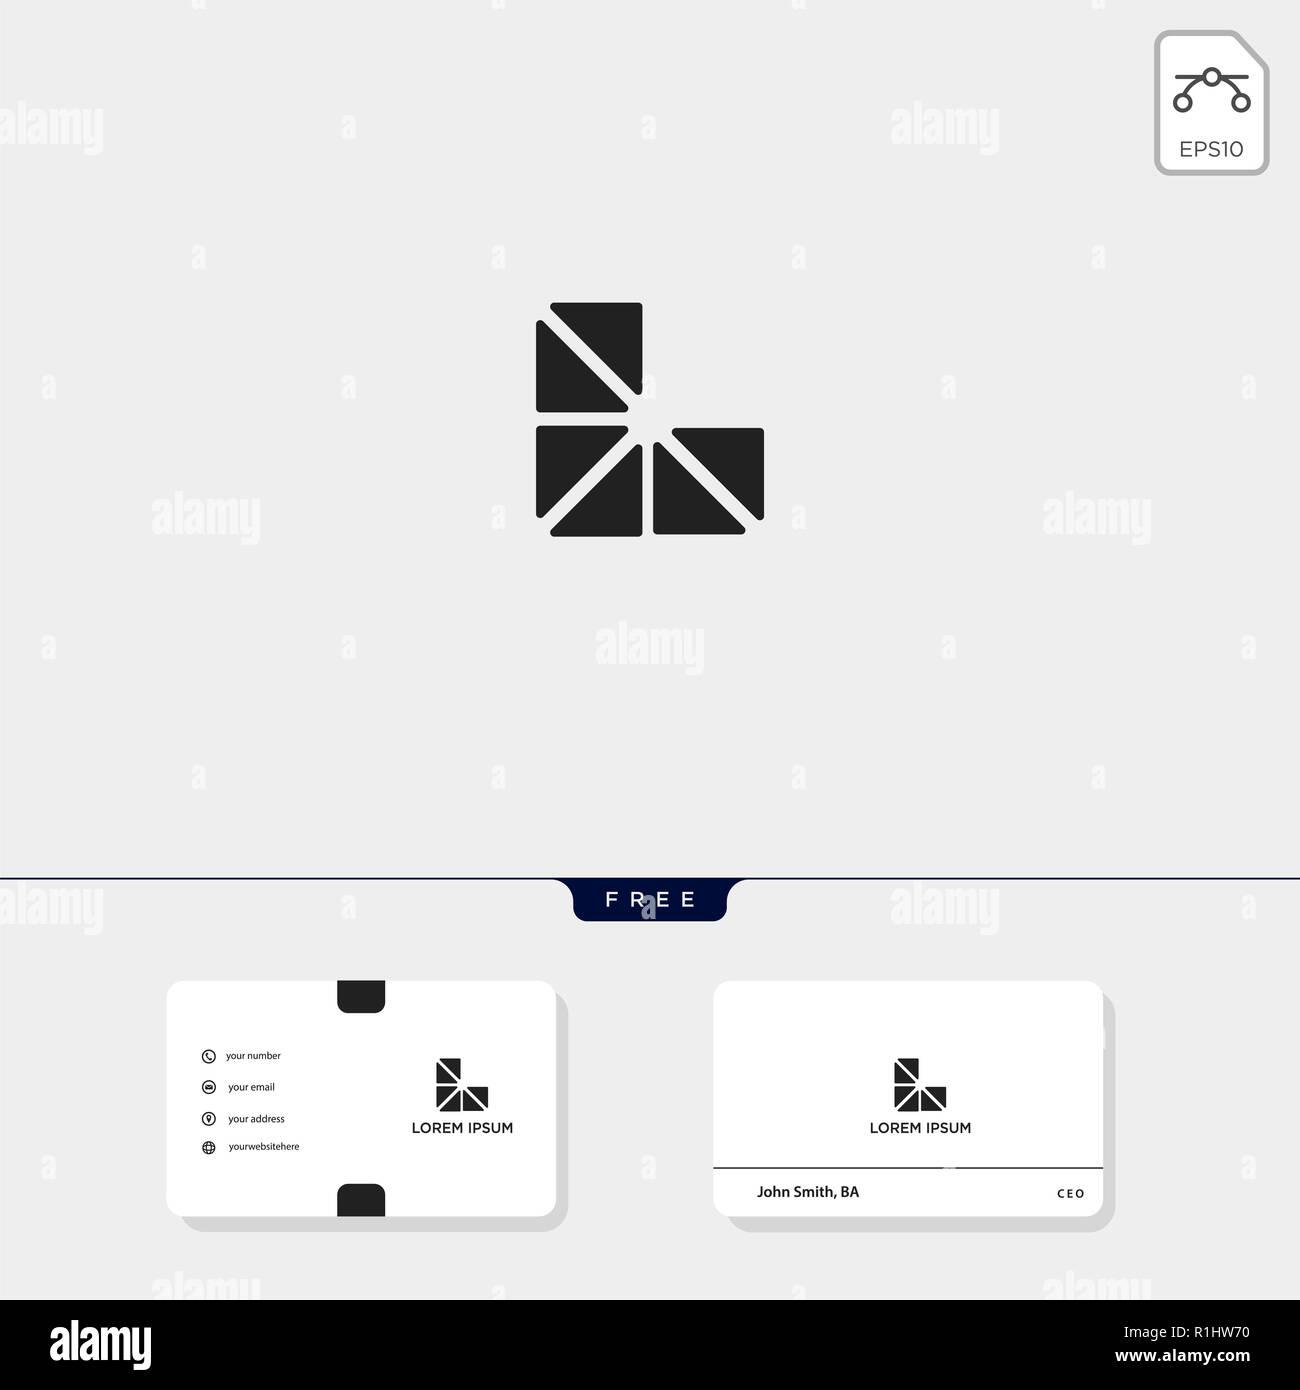 L Geometrique Initial Premium Creative Modele Logo Et Carte De Visite Conception Vector Illustration Le Dinspiration